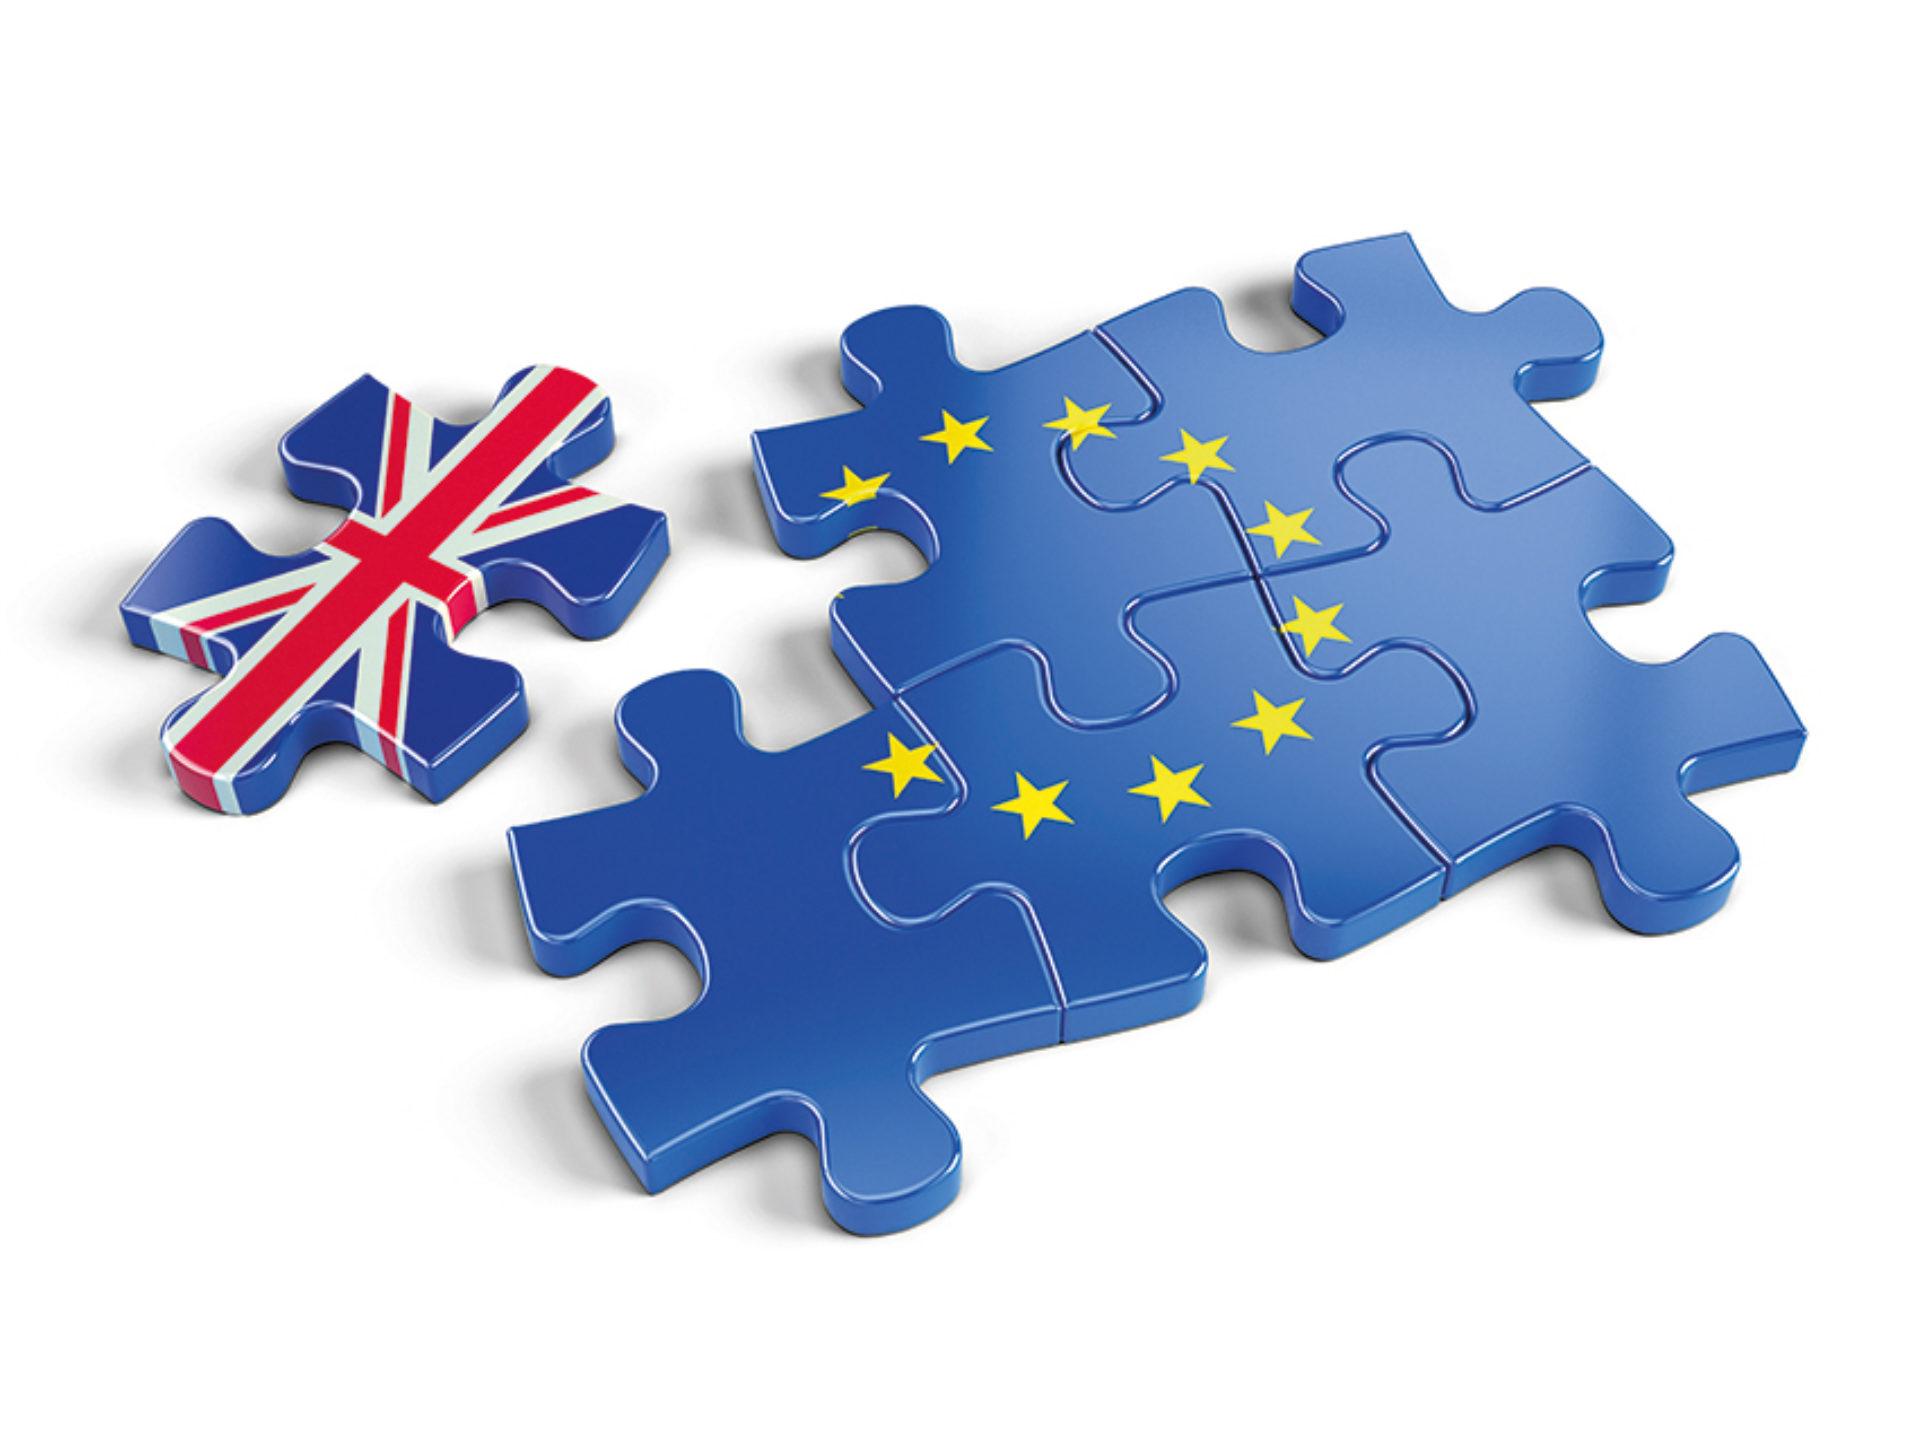 De brexit: een astrologisch rapport